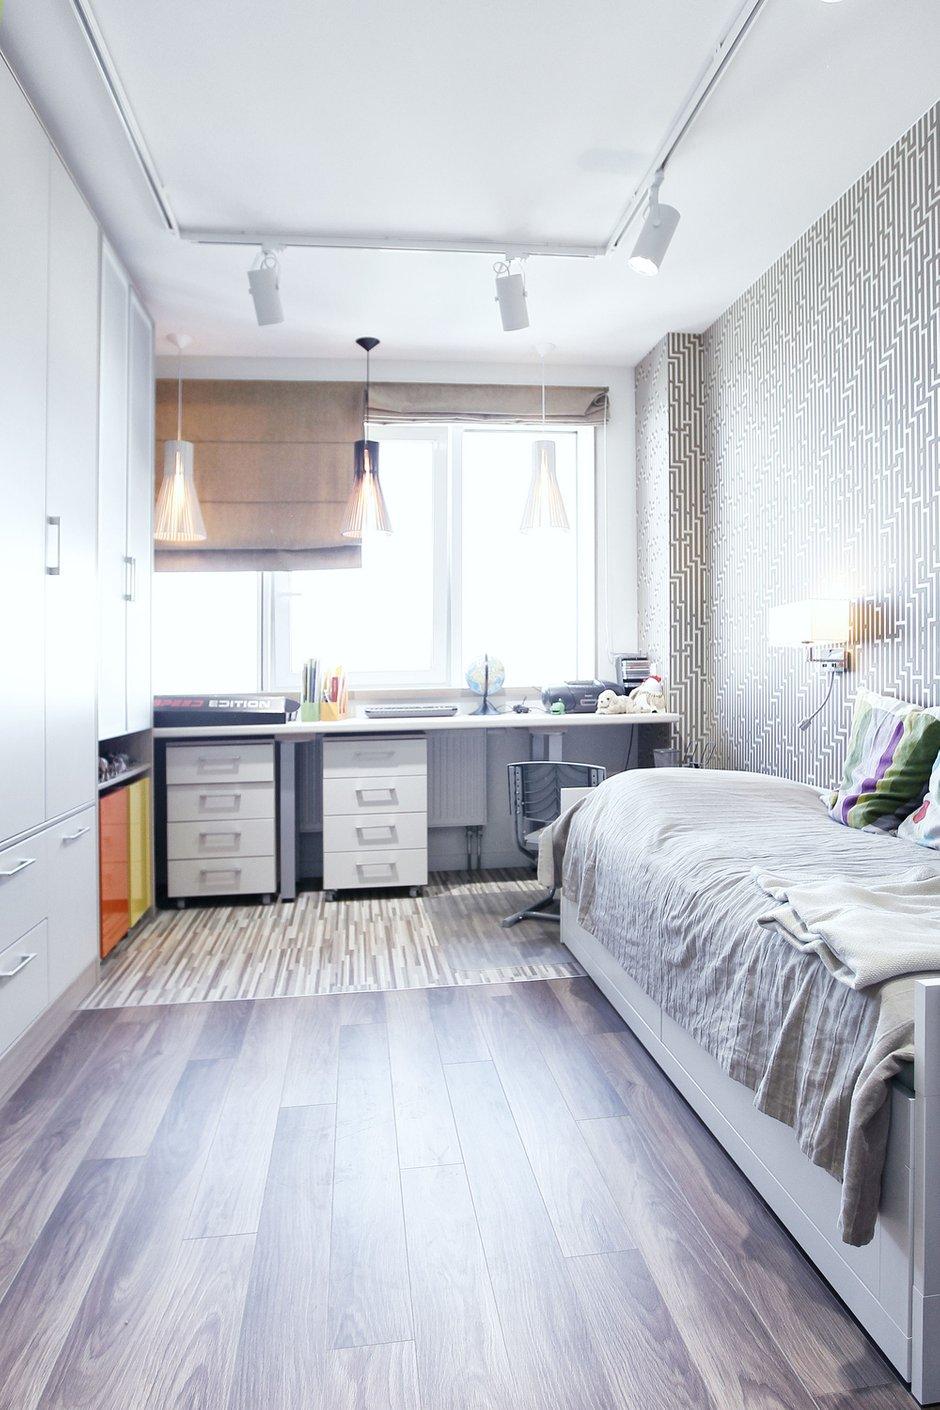 Фотография: Спальня в стиле Современный, Квартира, Текстиль, Декор, Дома и квартиры, IKEA, Проект недели, Москва – фото на InMyRoom.ru